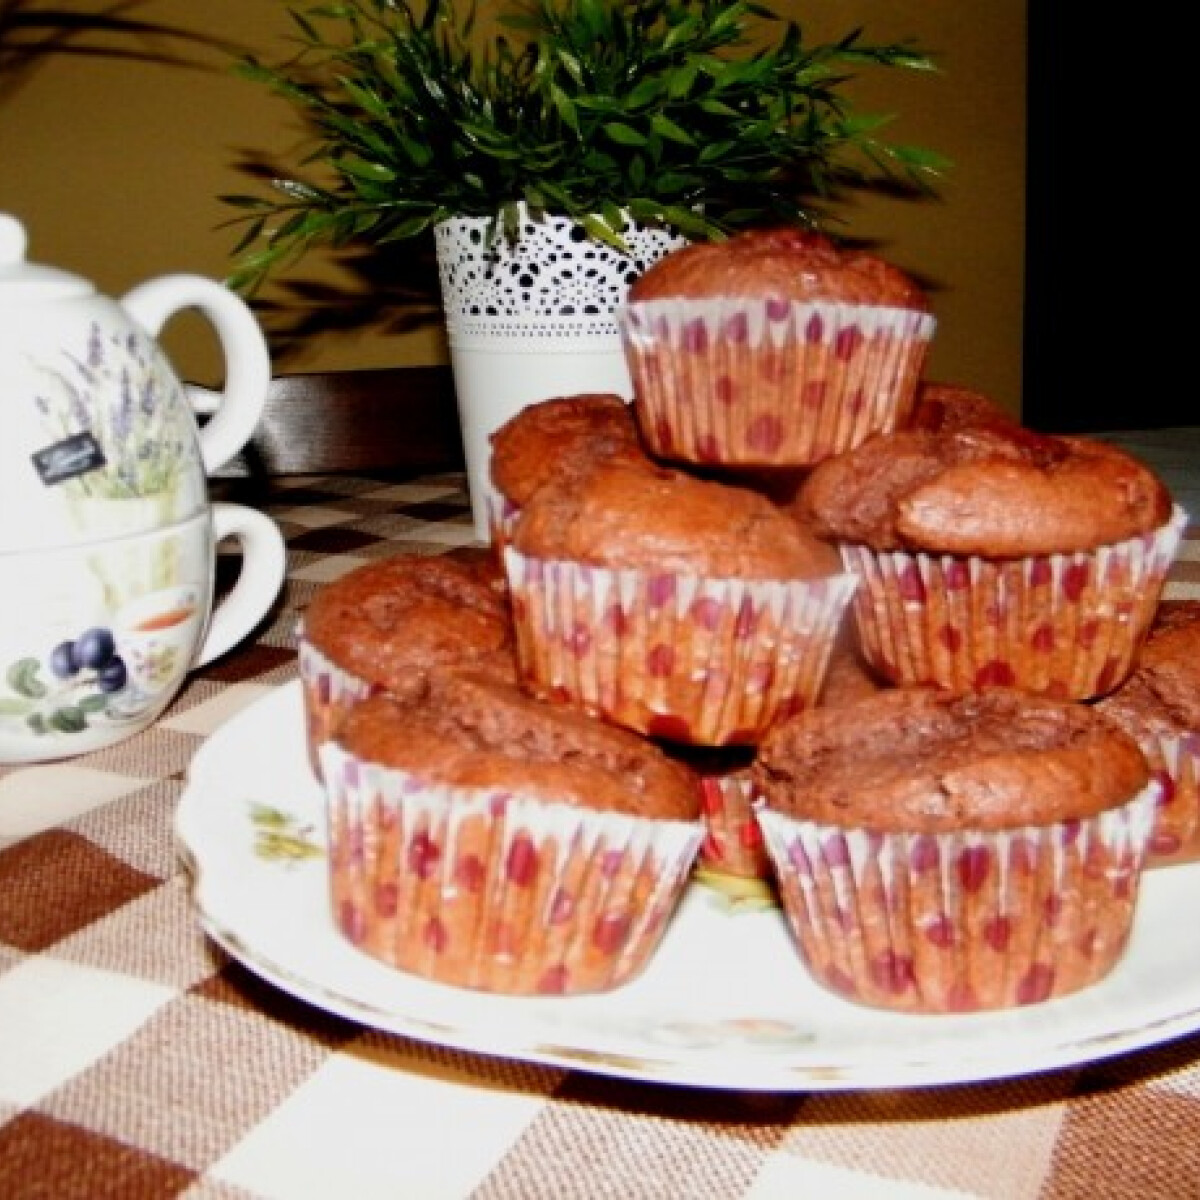 Kakaós-meggyes muffin Világom ízei konyhájából